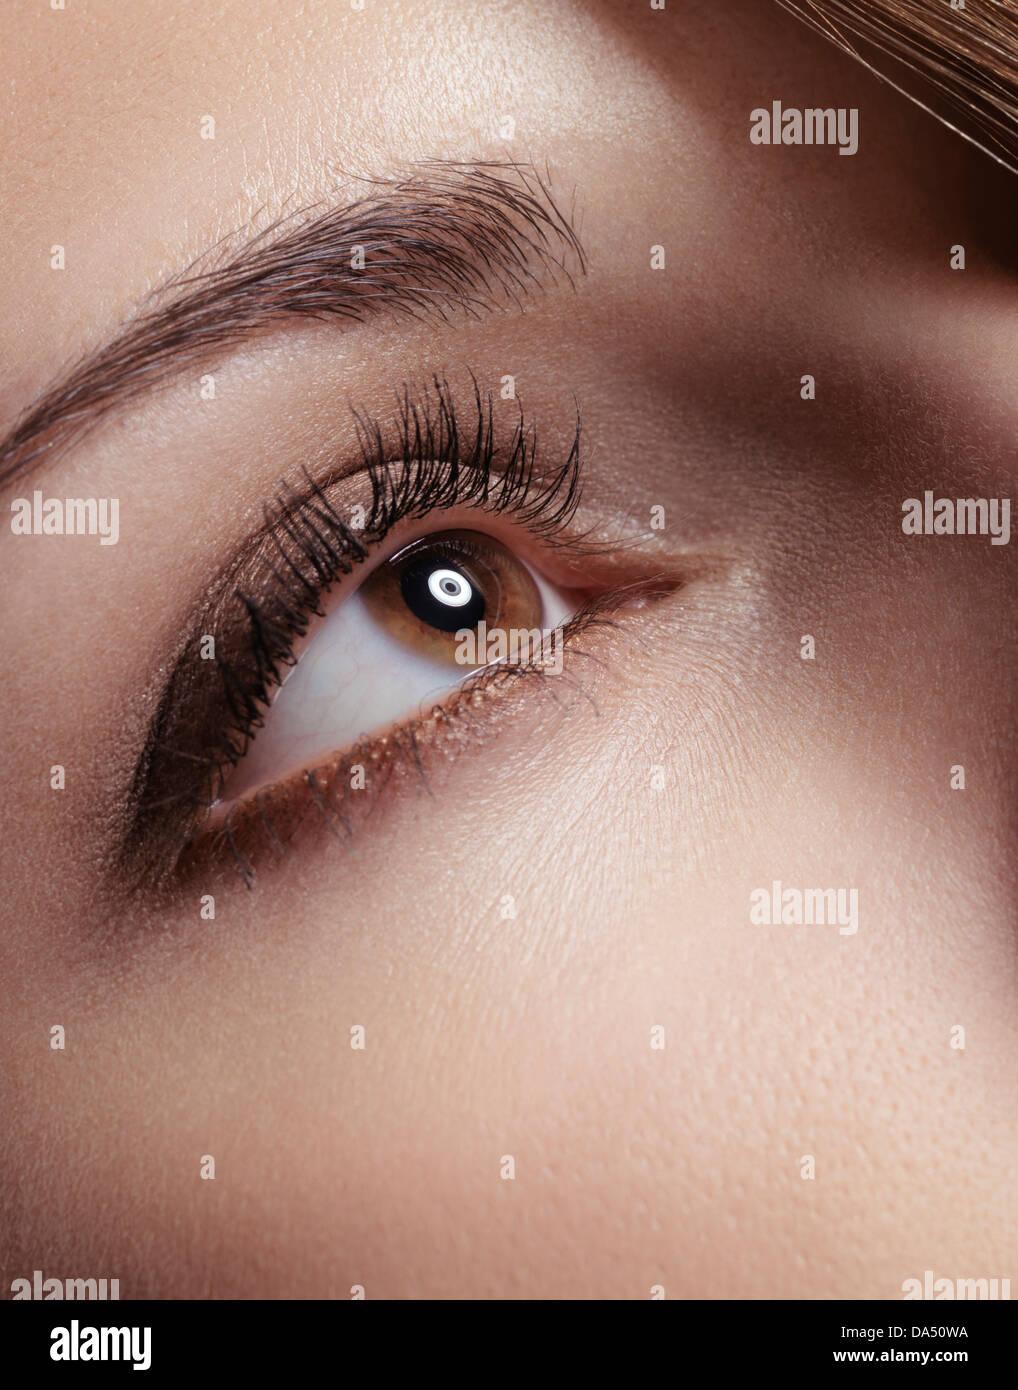 Mujer joven con ojos marrones largas pestañas closeup Imagen De Stock